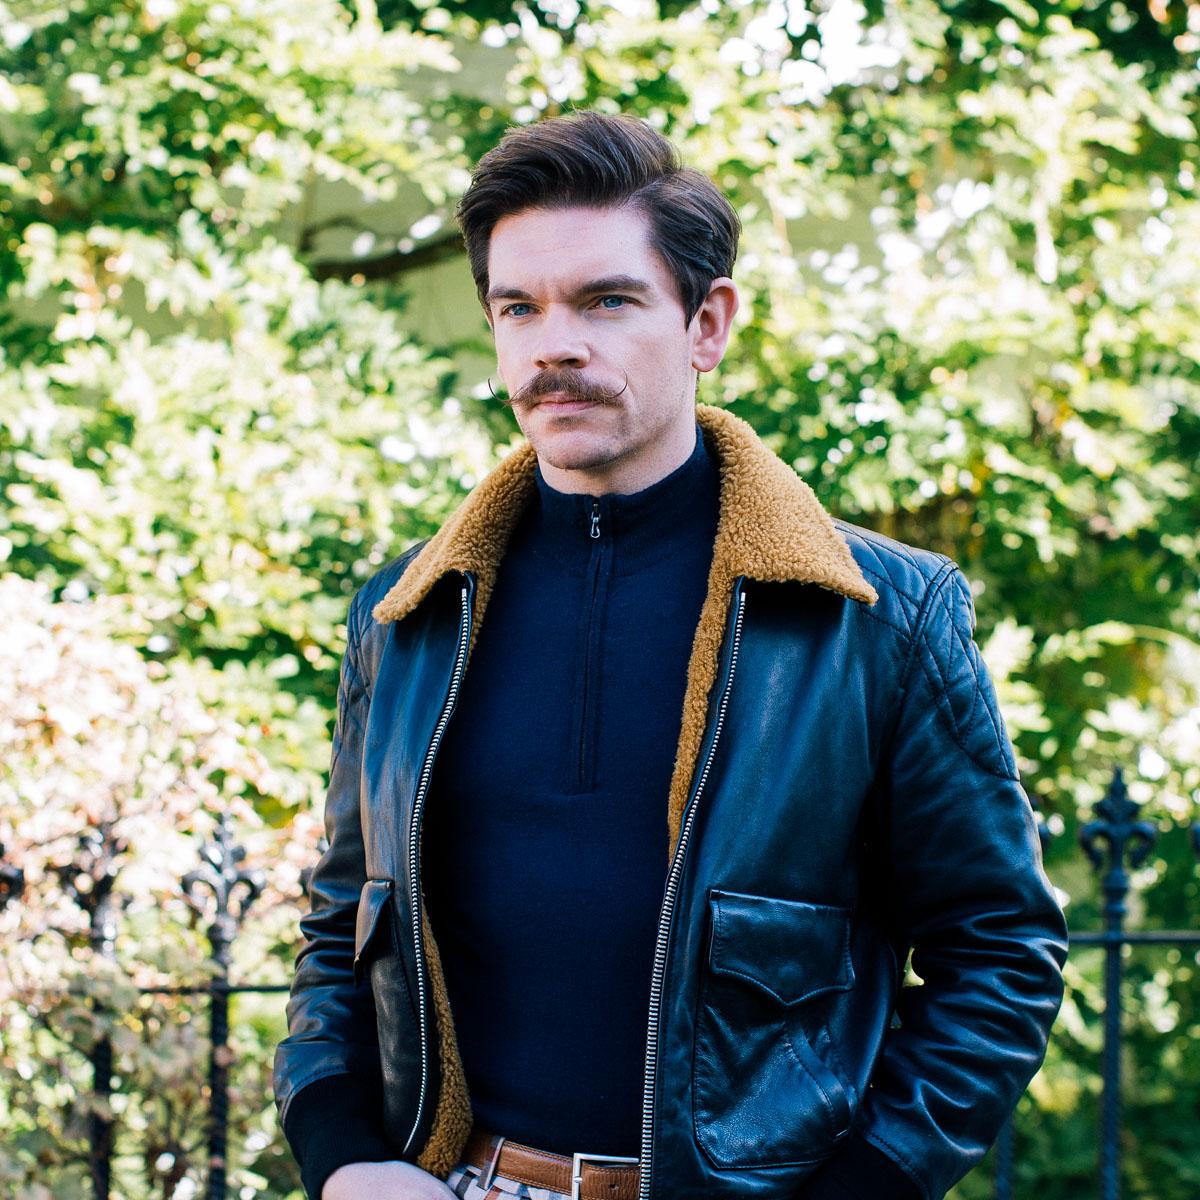 mens-leather-jacket-man-for-himself